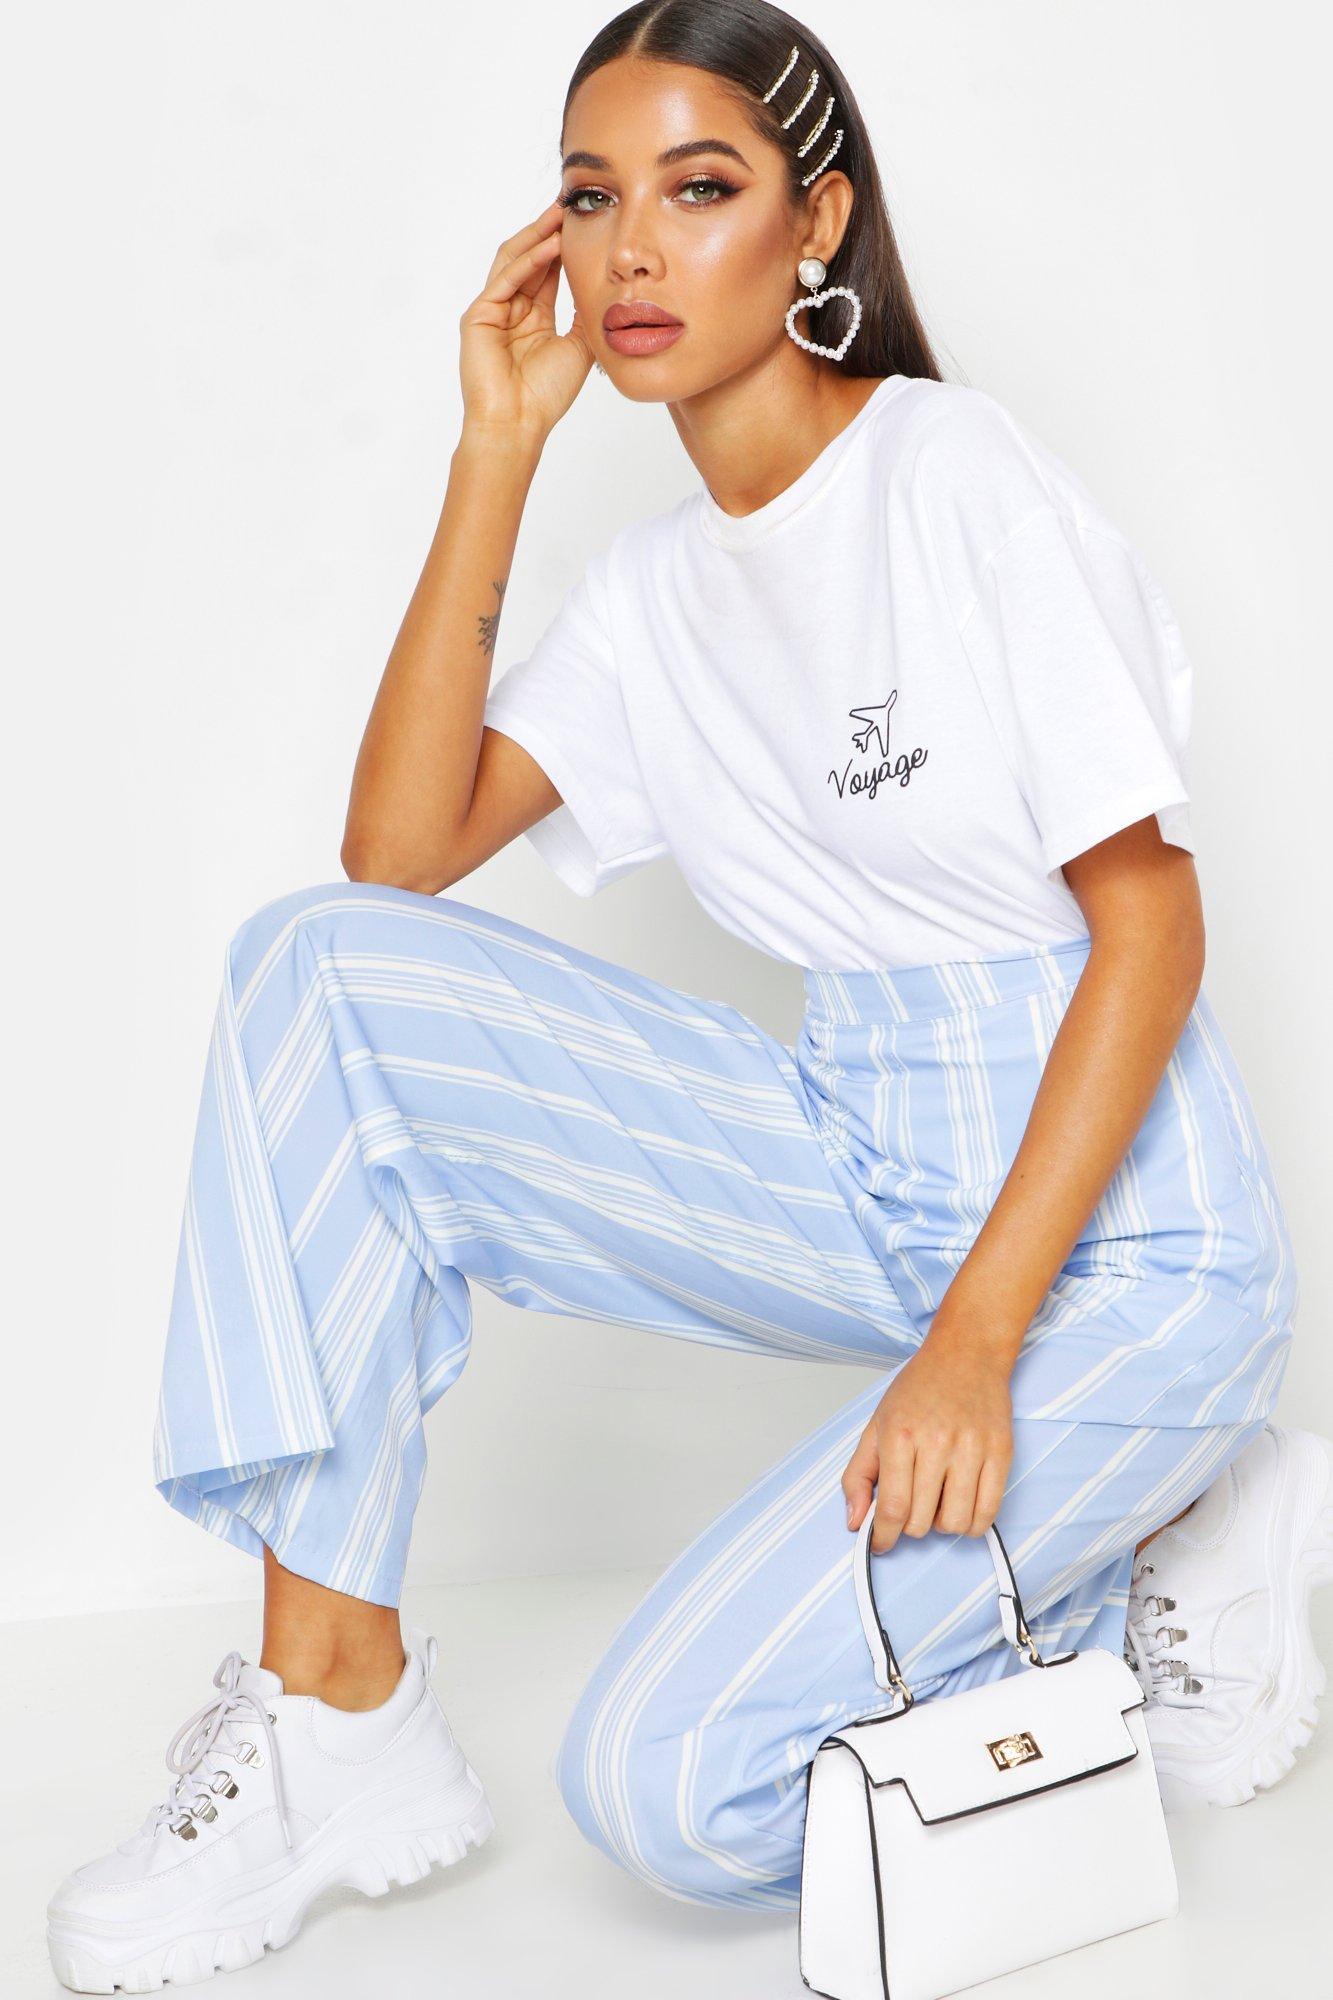 """Womens T-Shirt """"Voyage"""" mit Print und Tasche - Weiß - S, Weiß - Boohoo.com"""